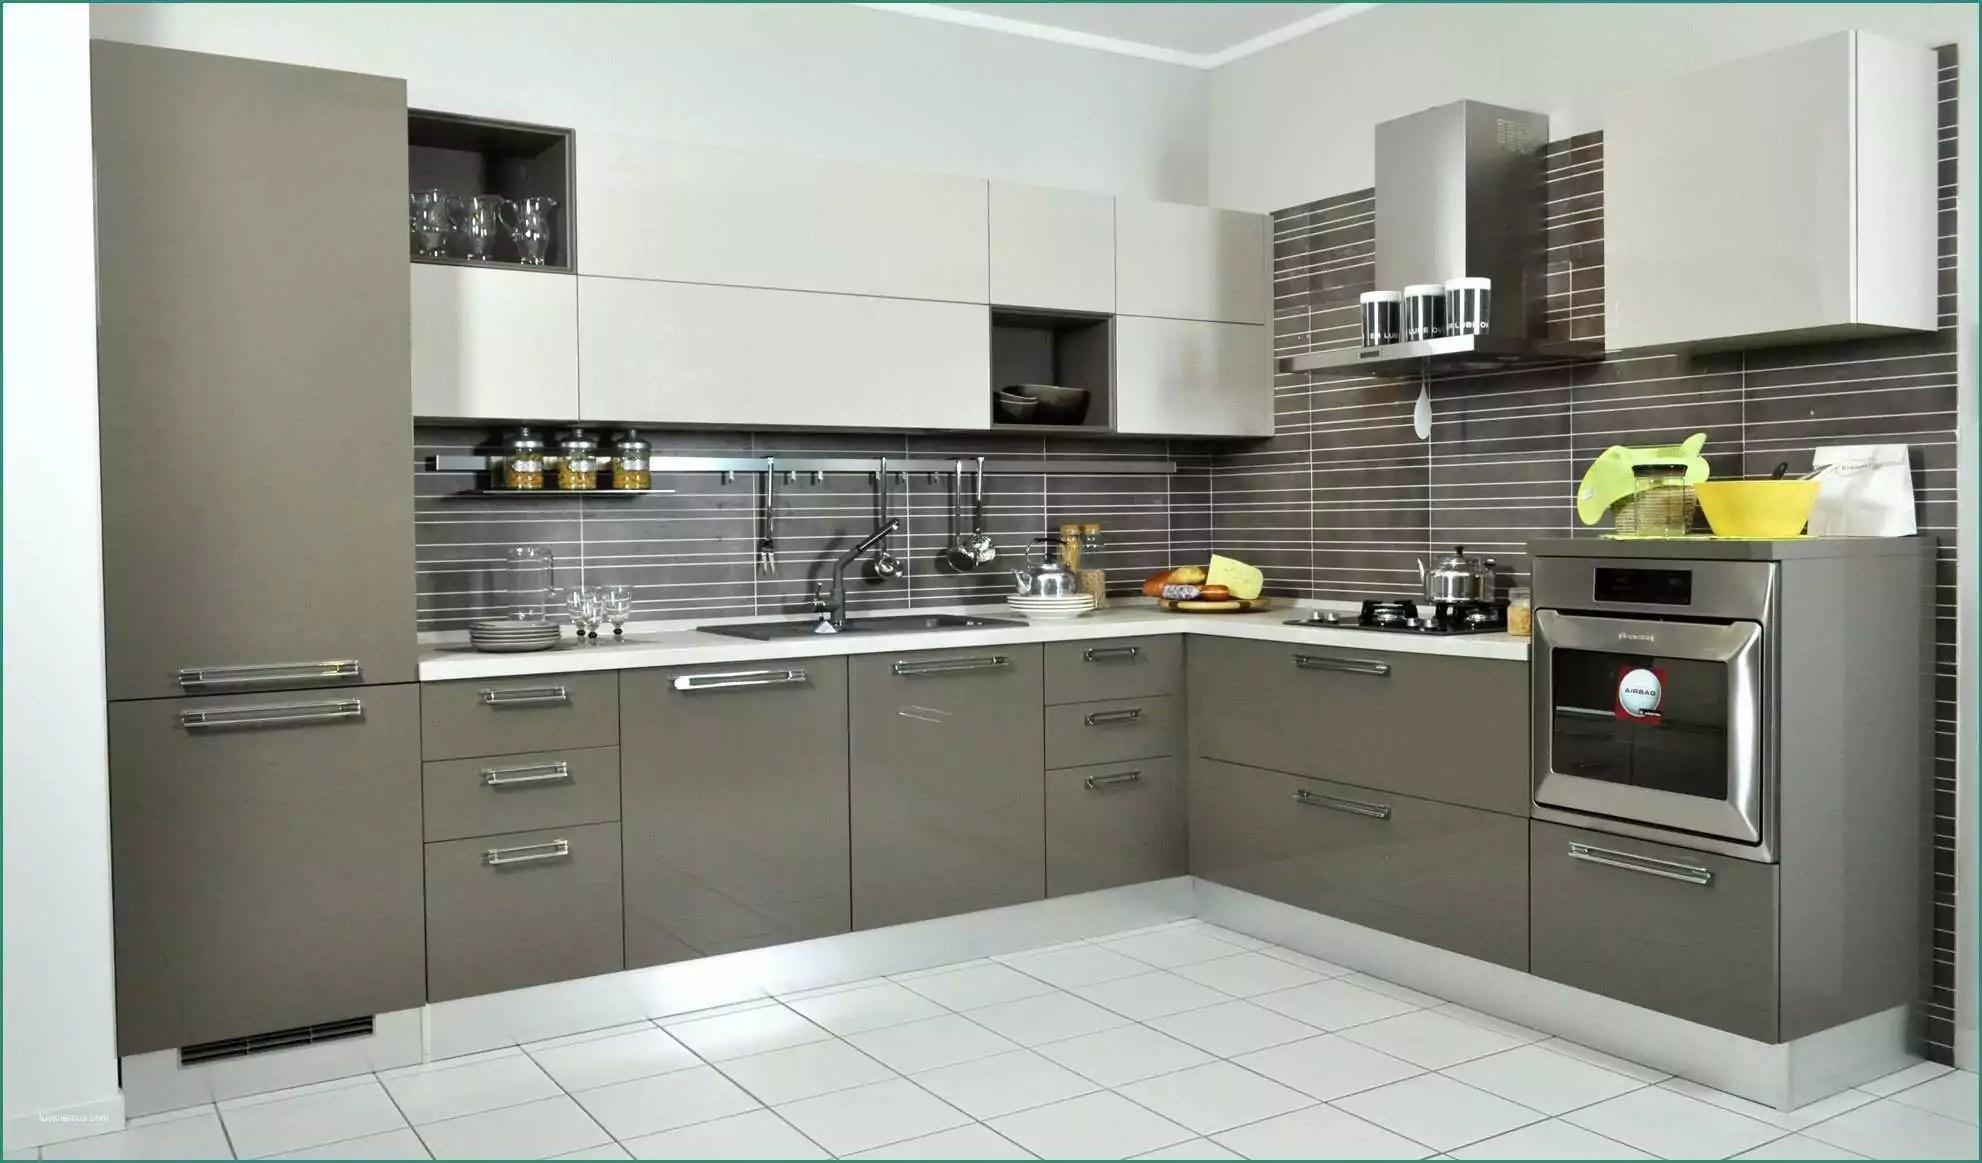 Cucine Moderne Ad Angolo - Idee per la decorazione di interni ...